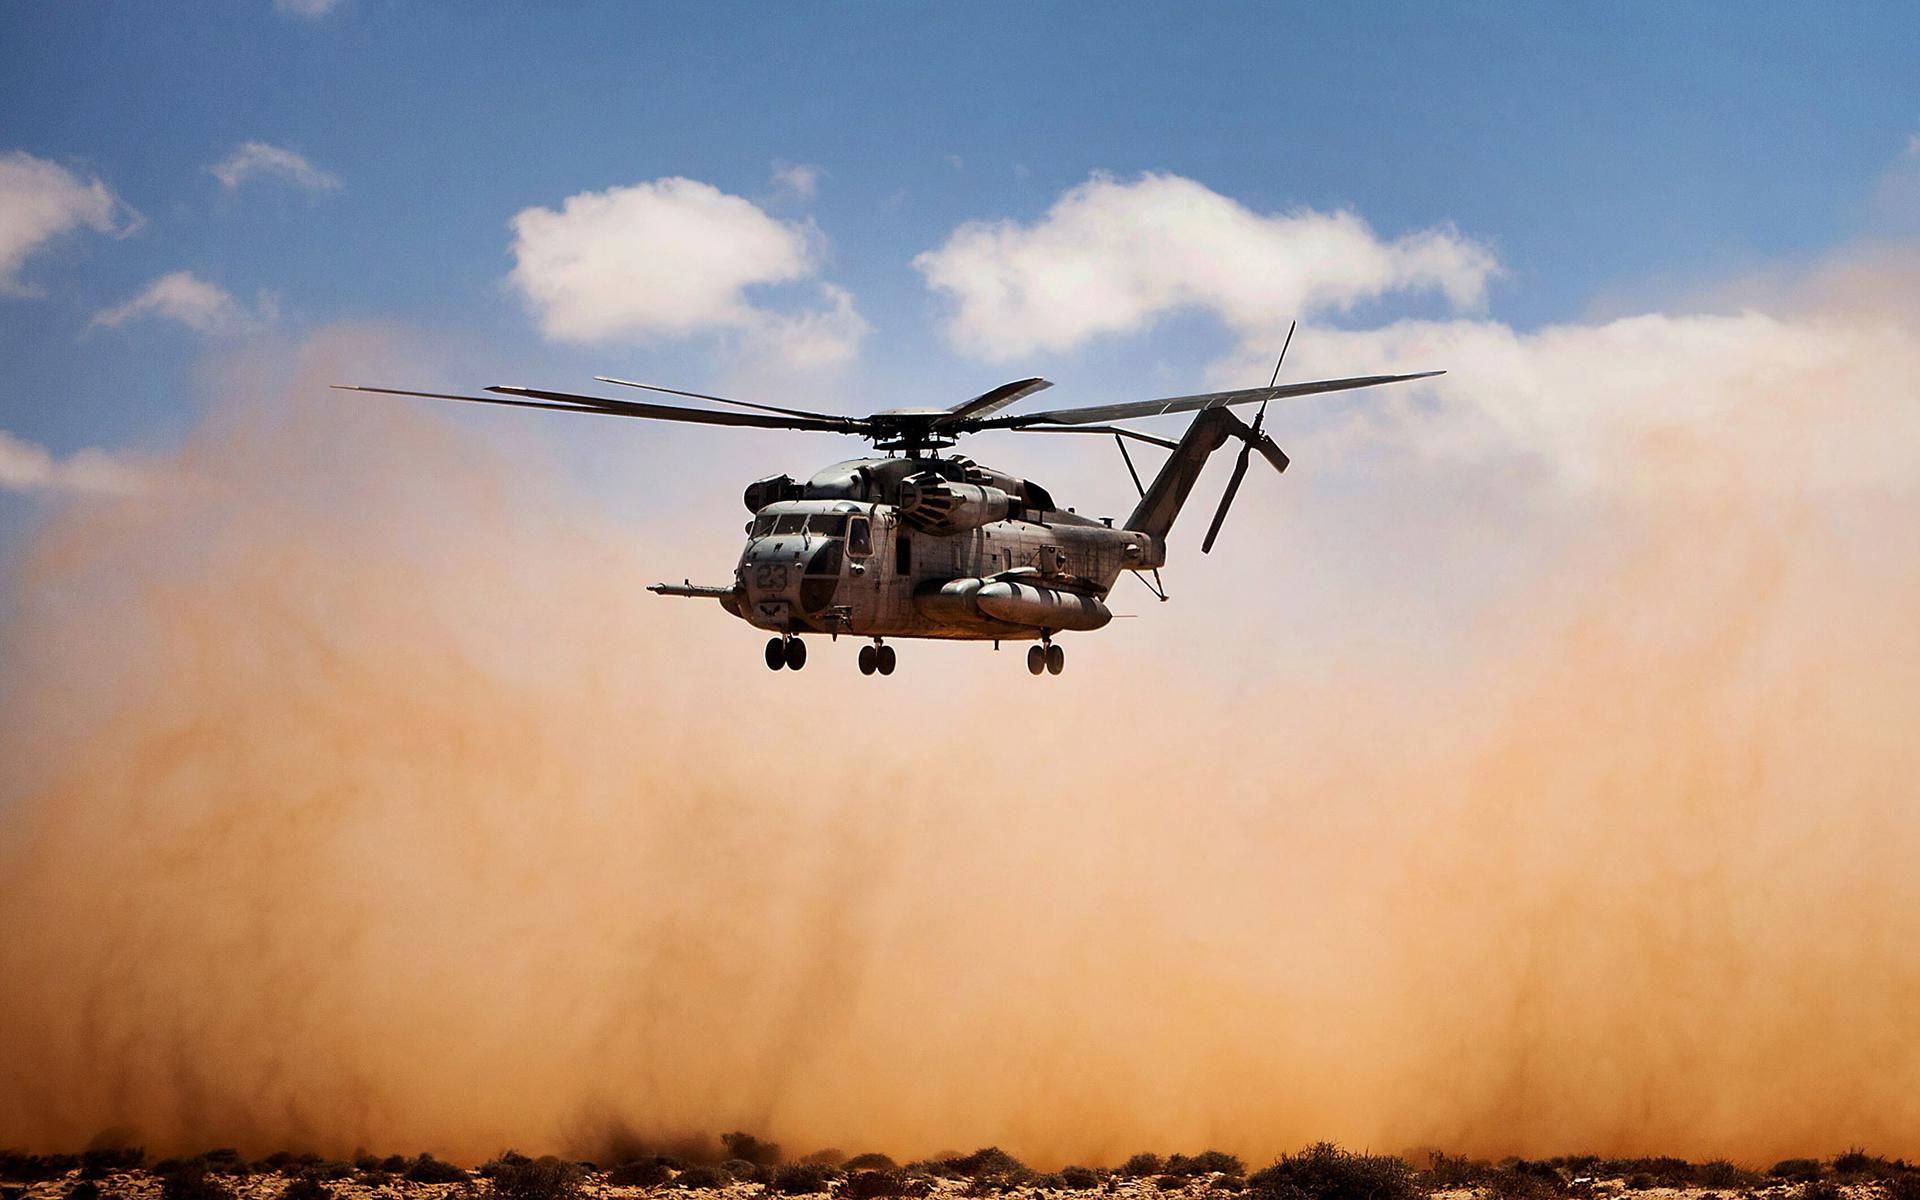 Helicóptero despegando - 1920x1200